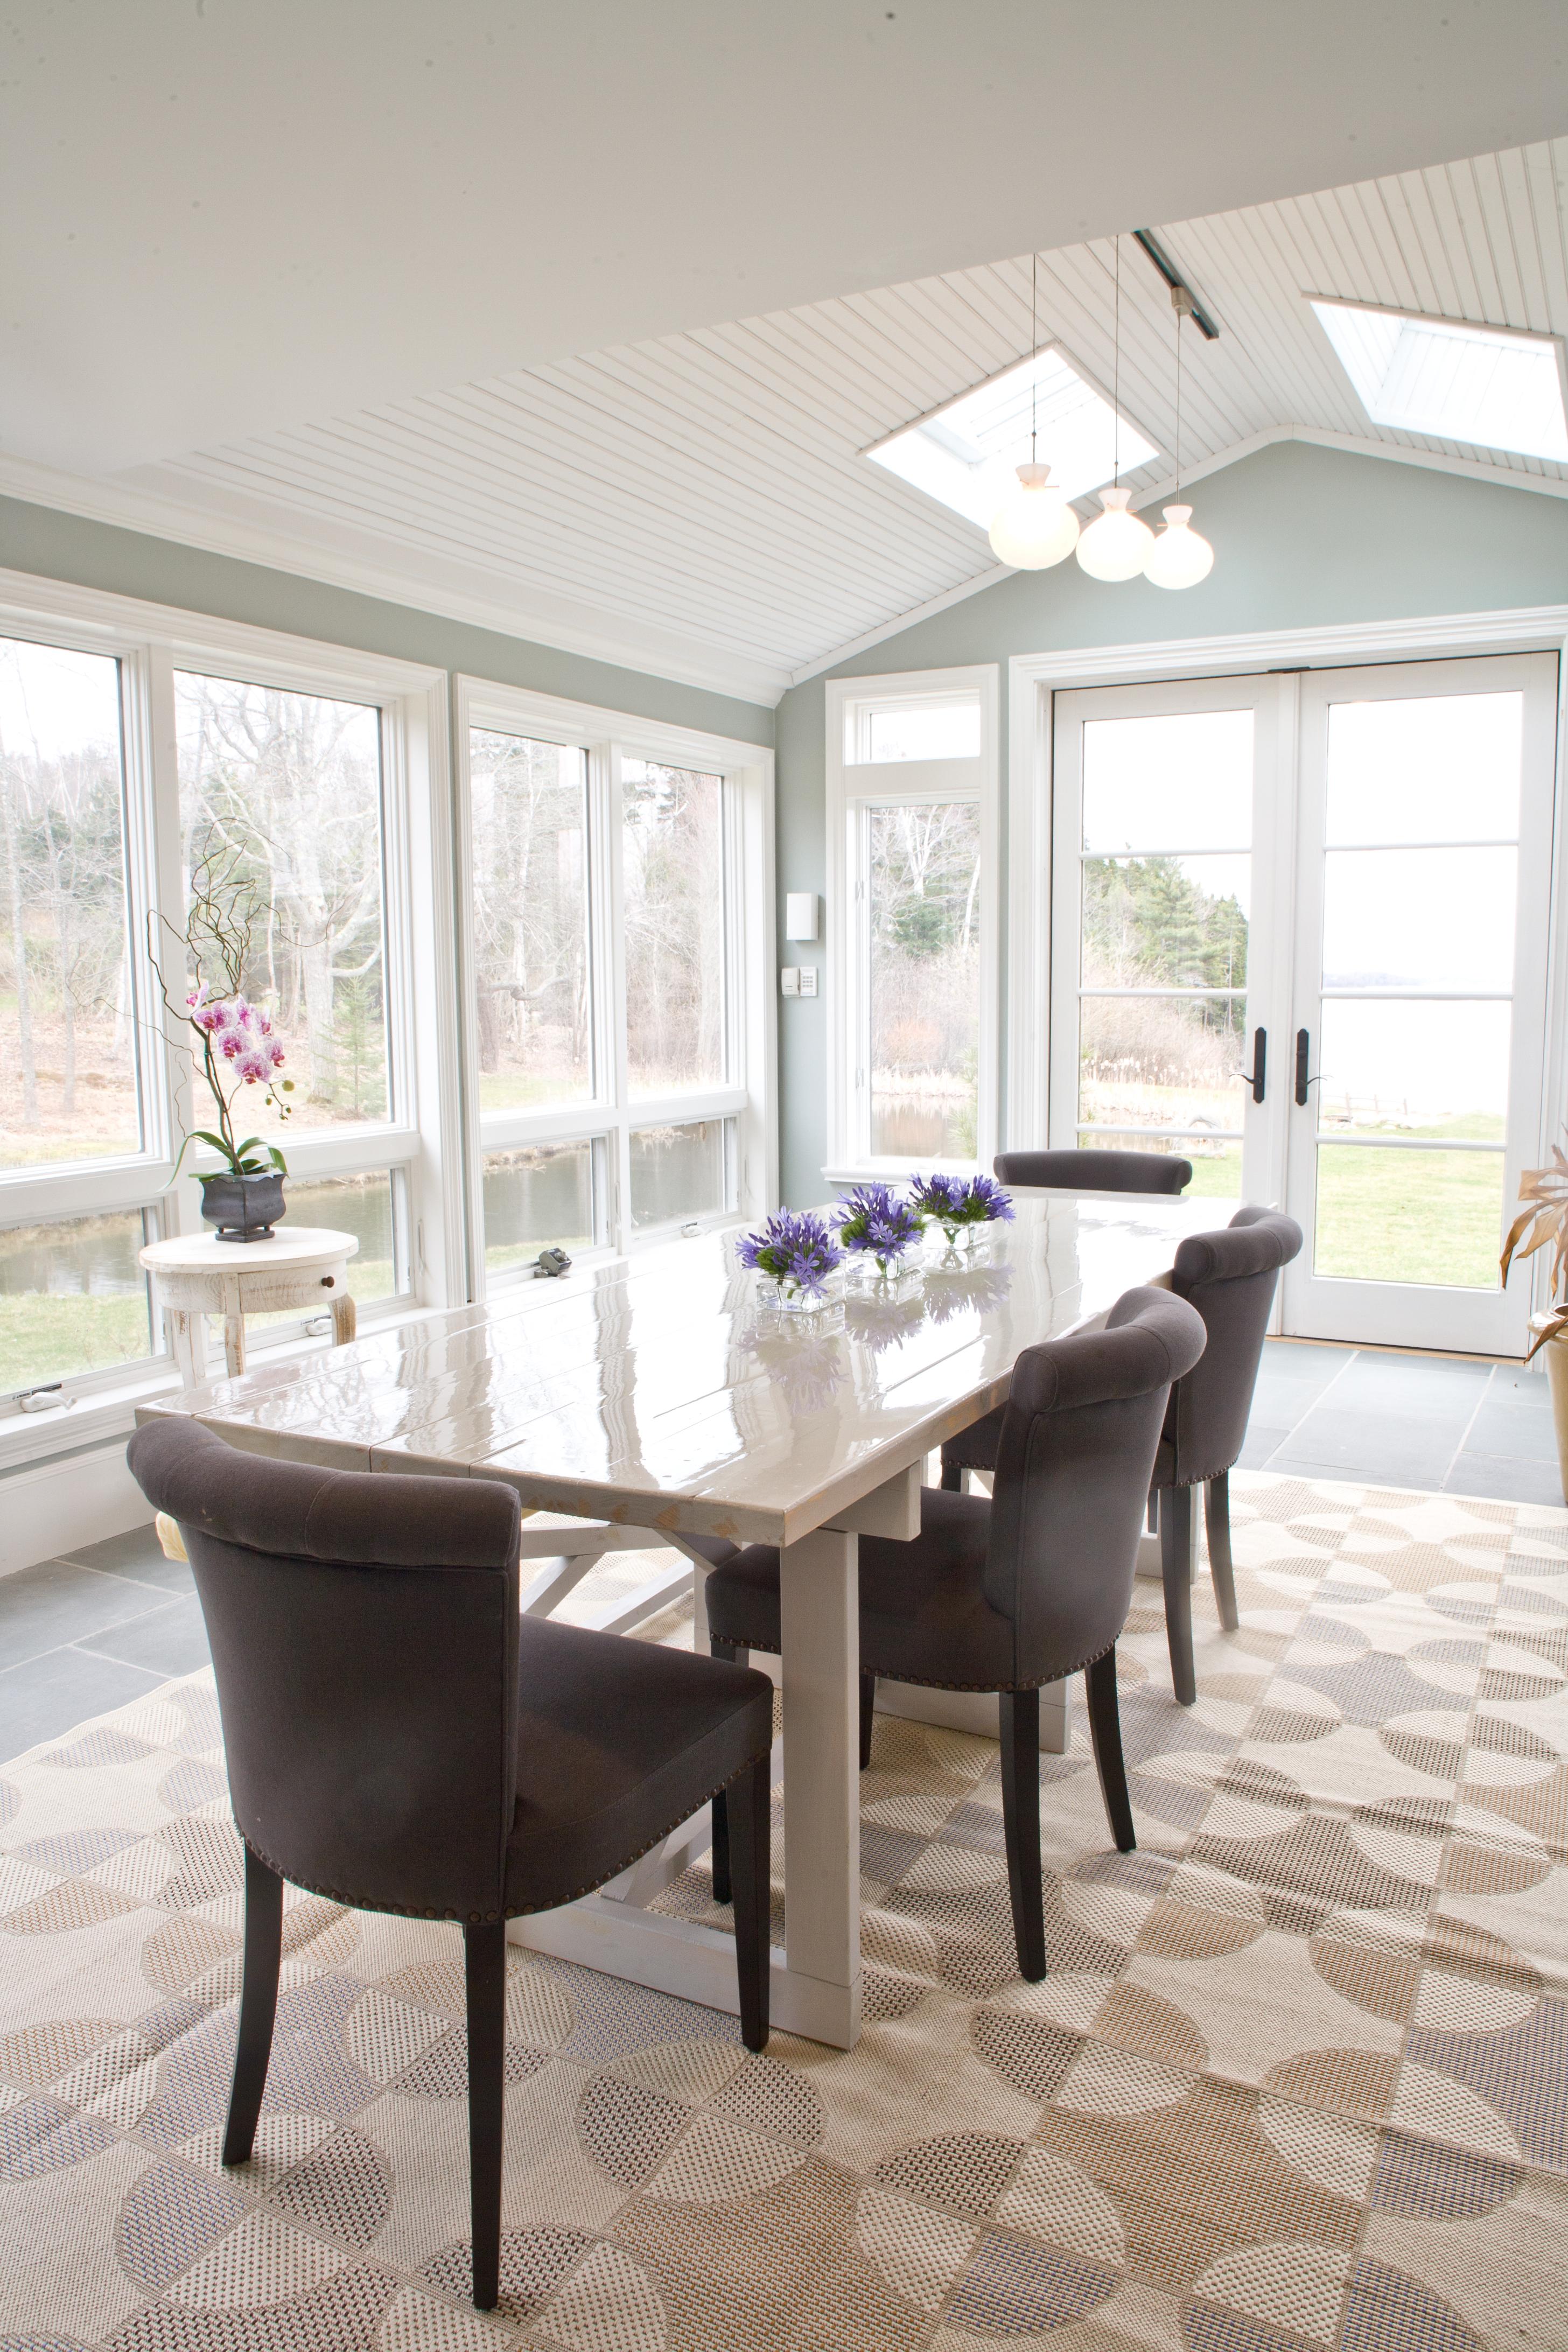 Maine Home And Design Featured Celia Bedilia Celia Bedilia Designs